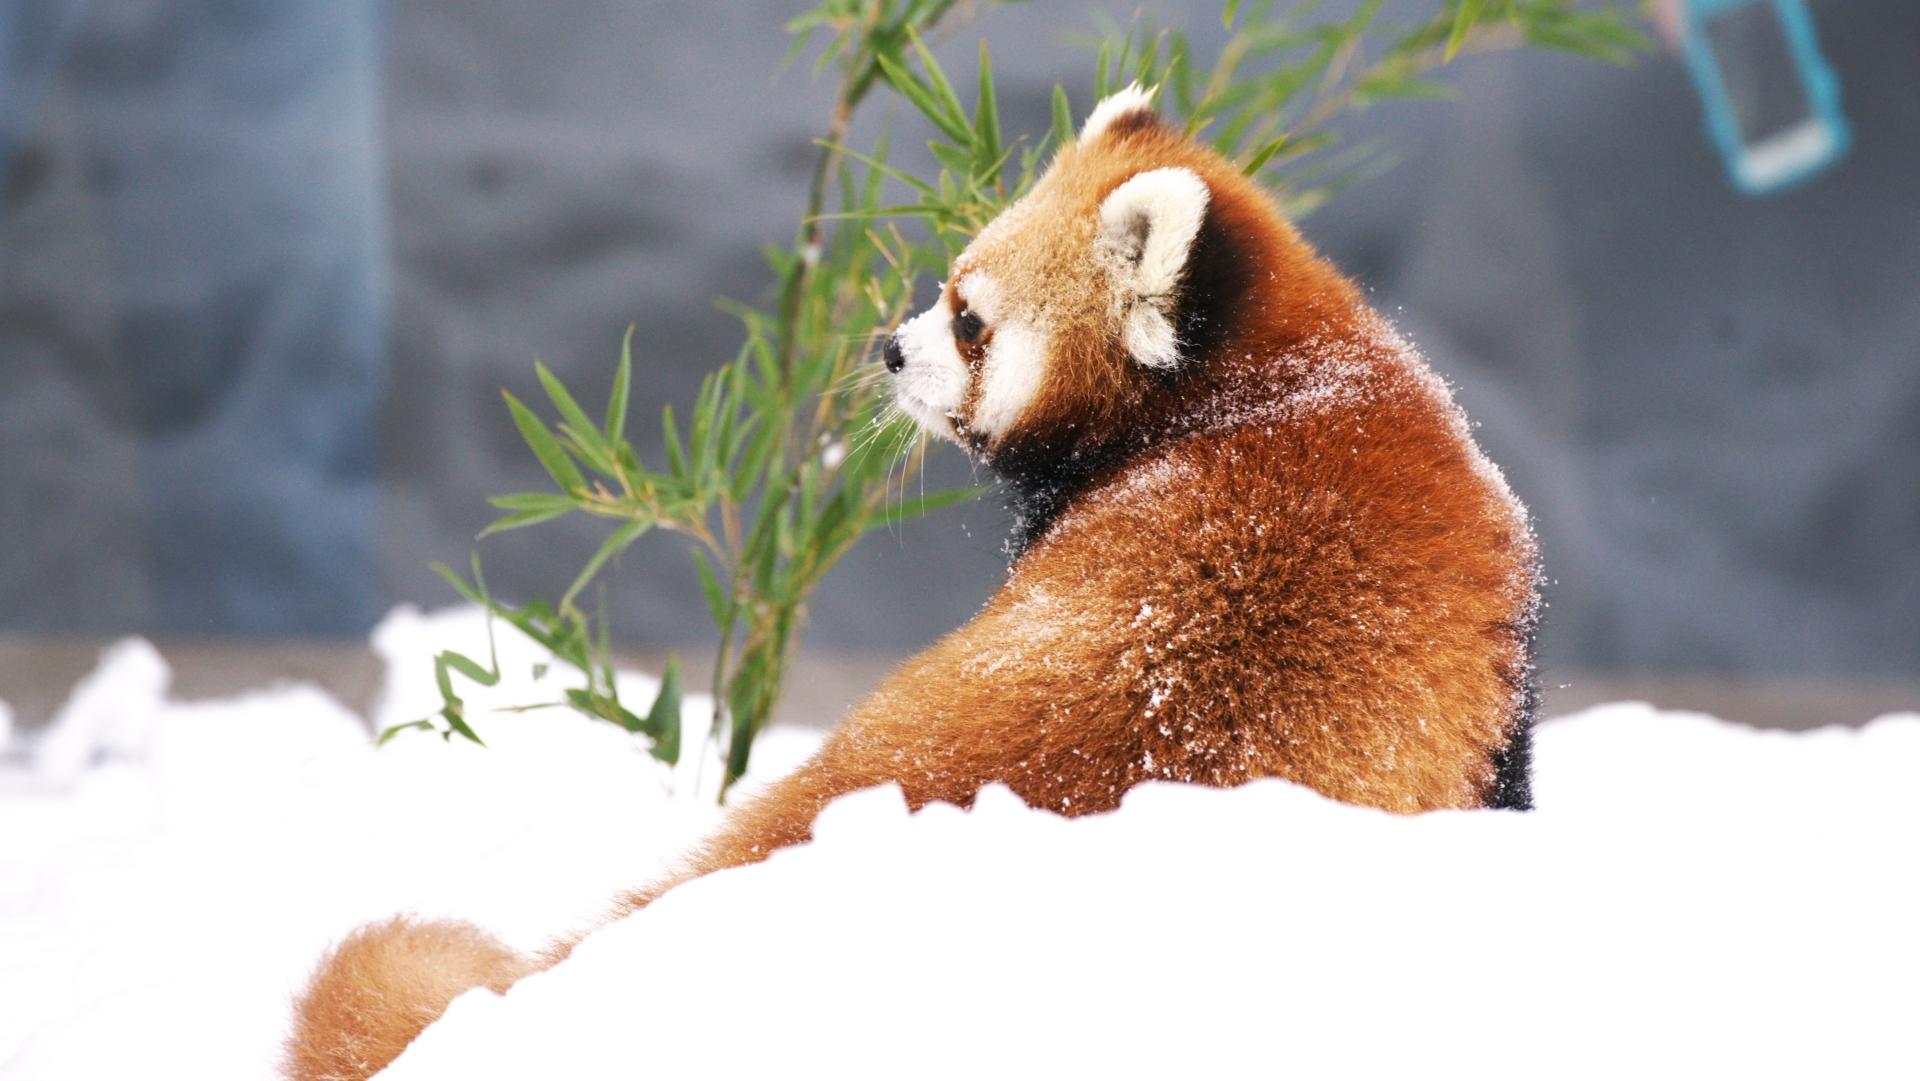 冬眠の準備をするレッサーパンダ